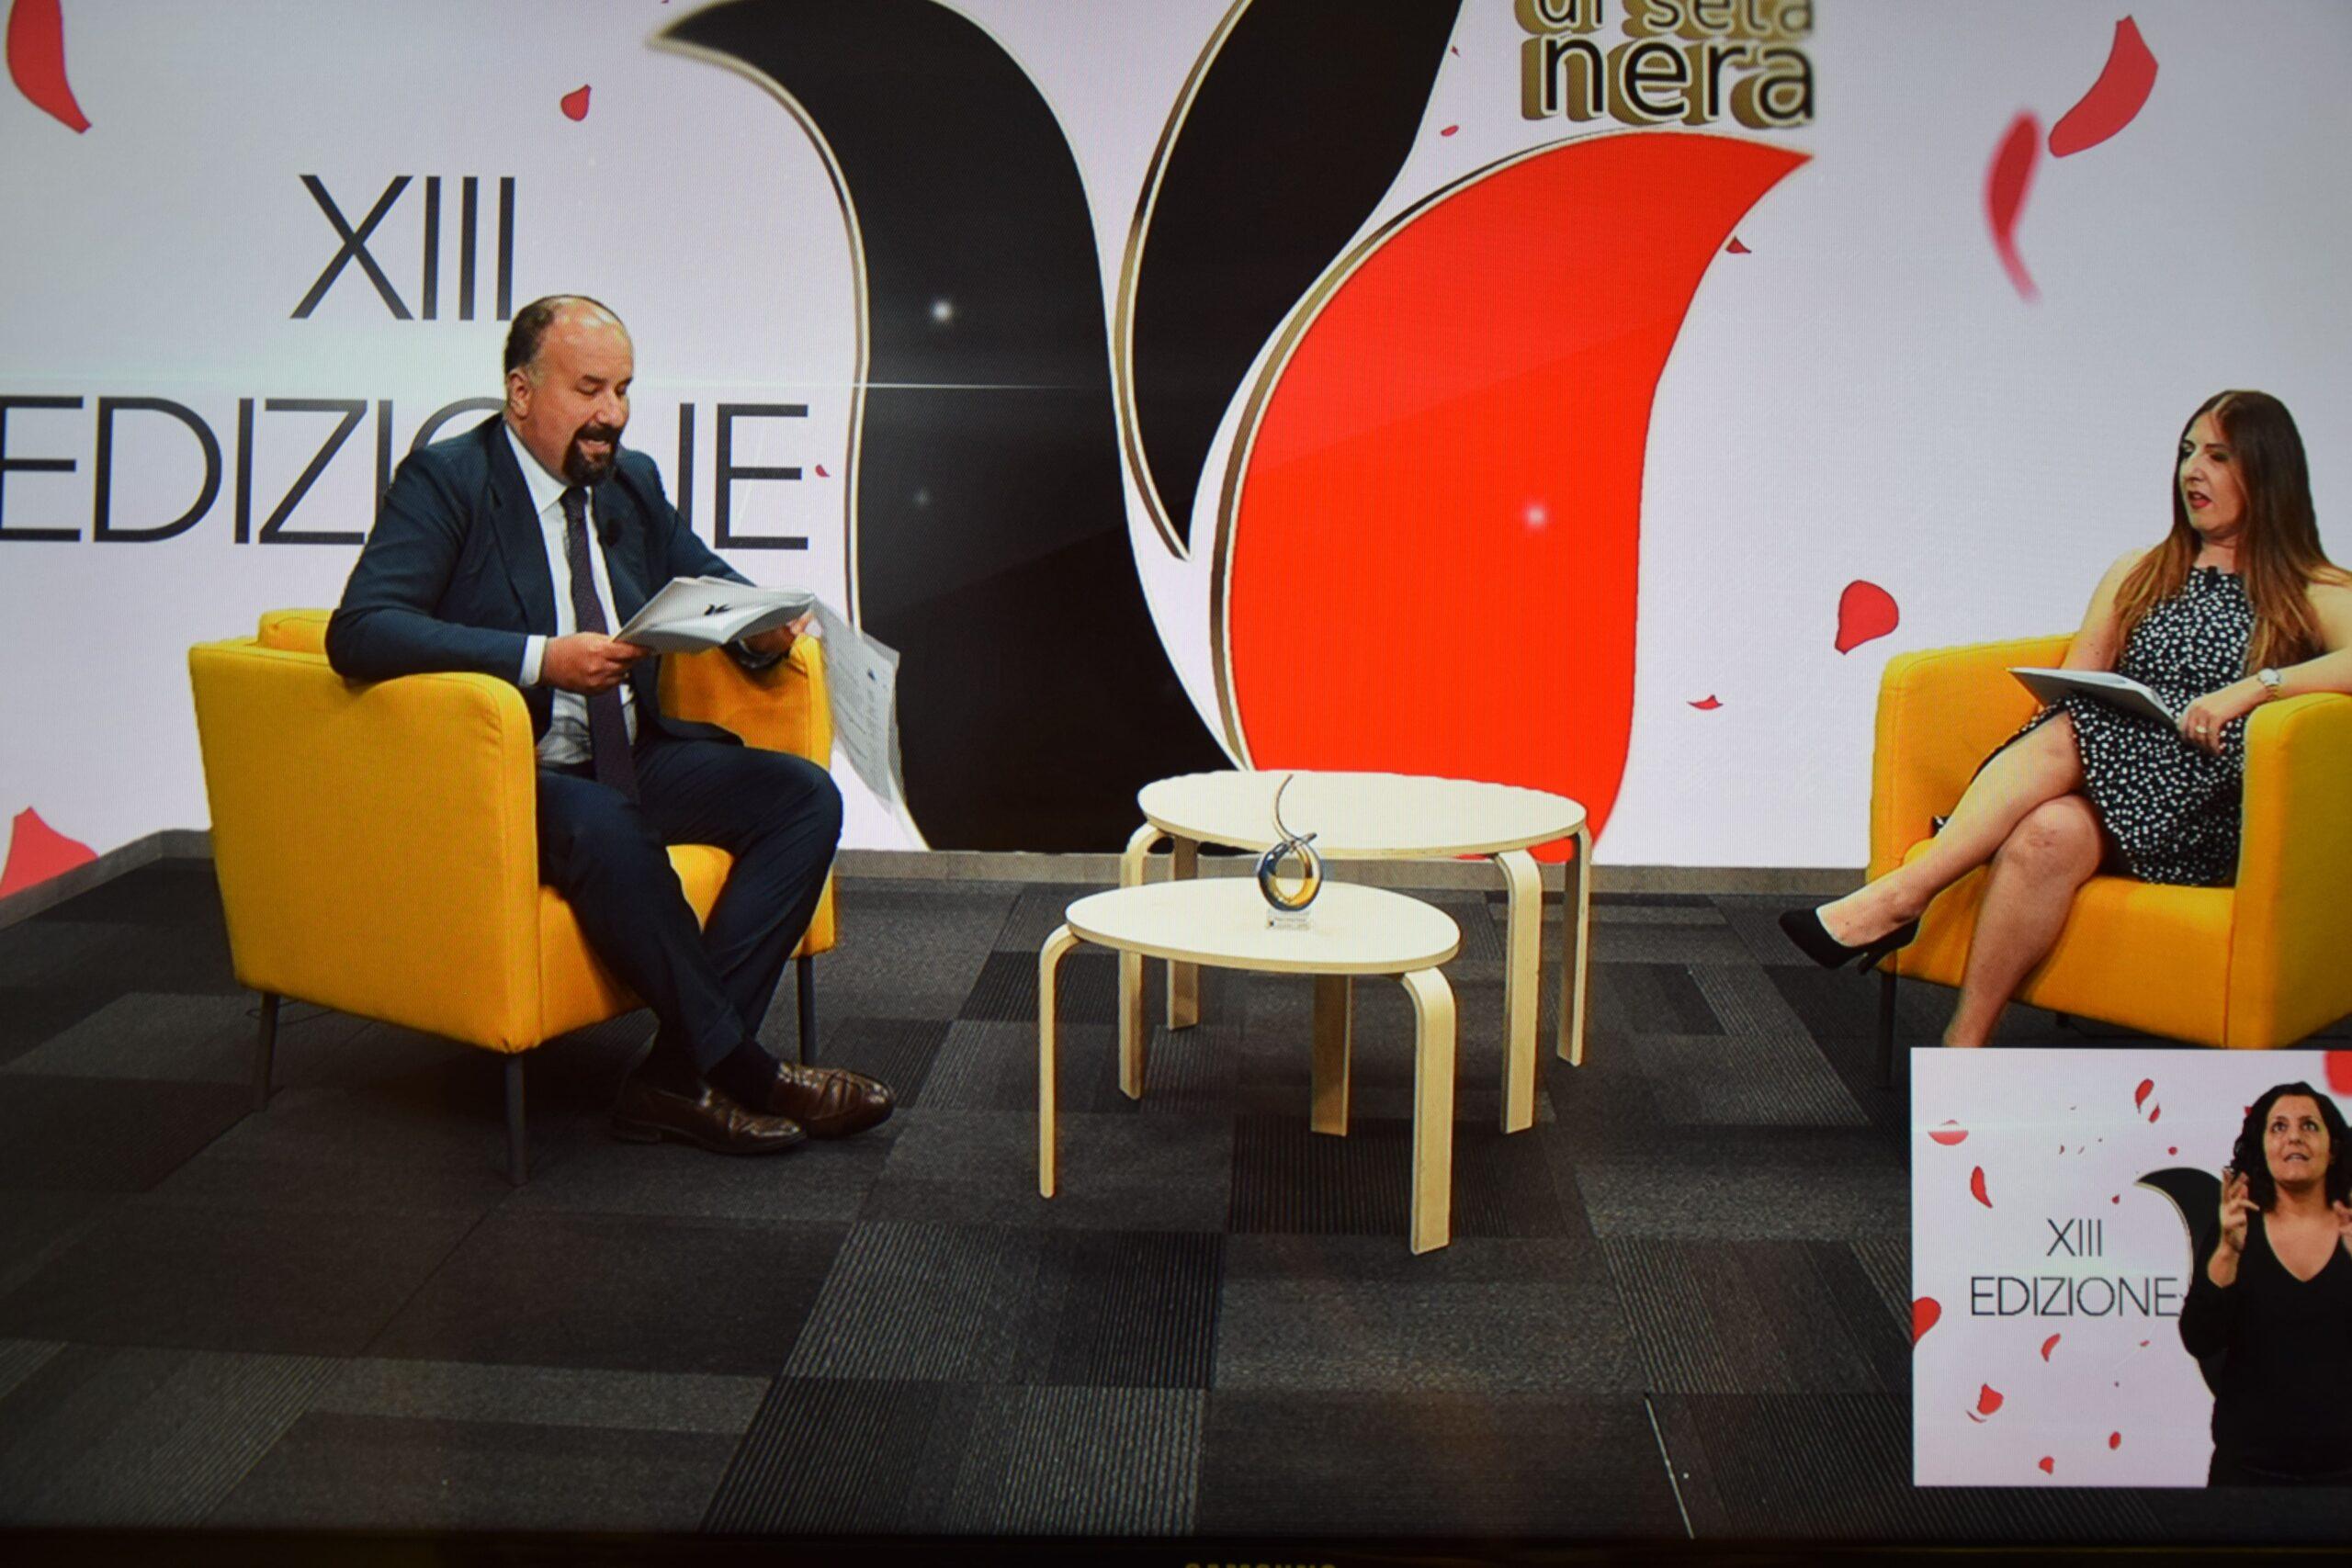 Tulipani di Seta Nera: ottimo esordio per la tredicesima edizione